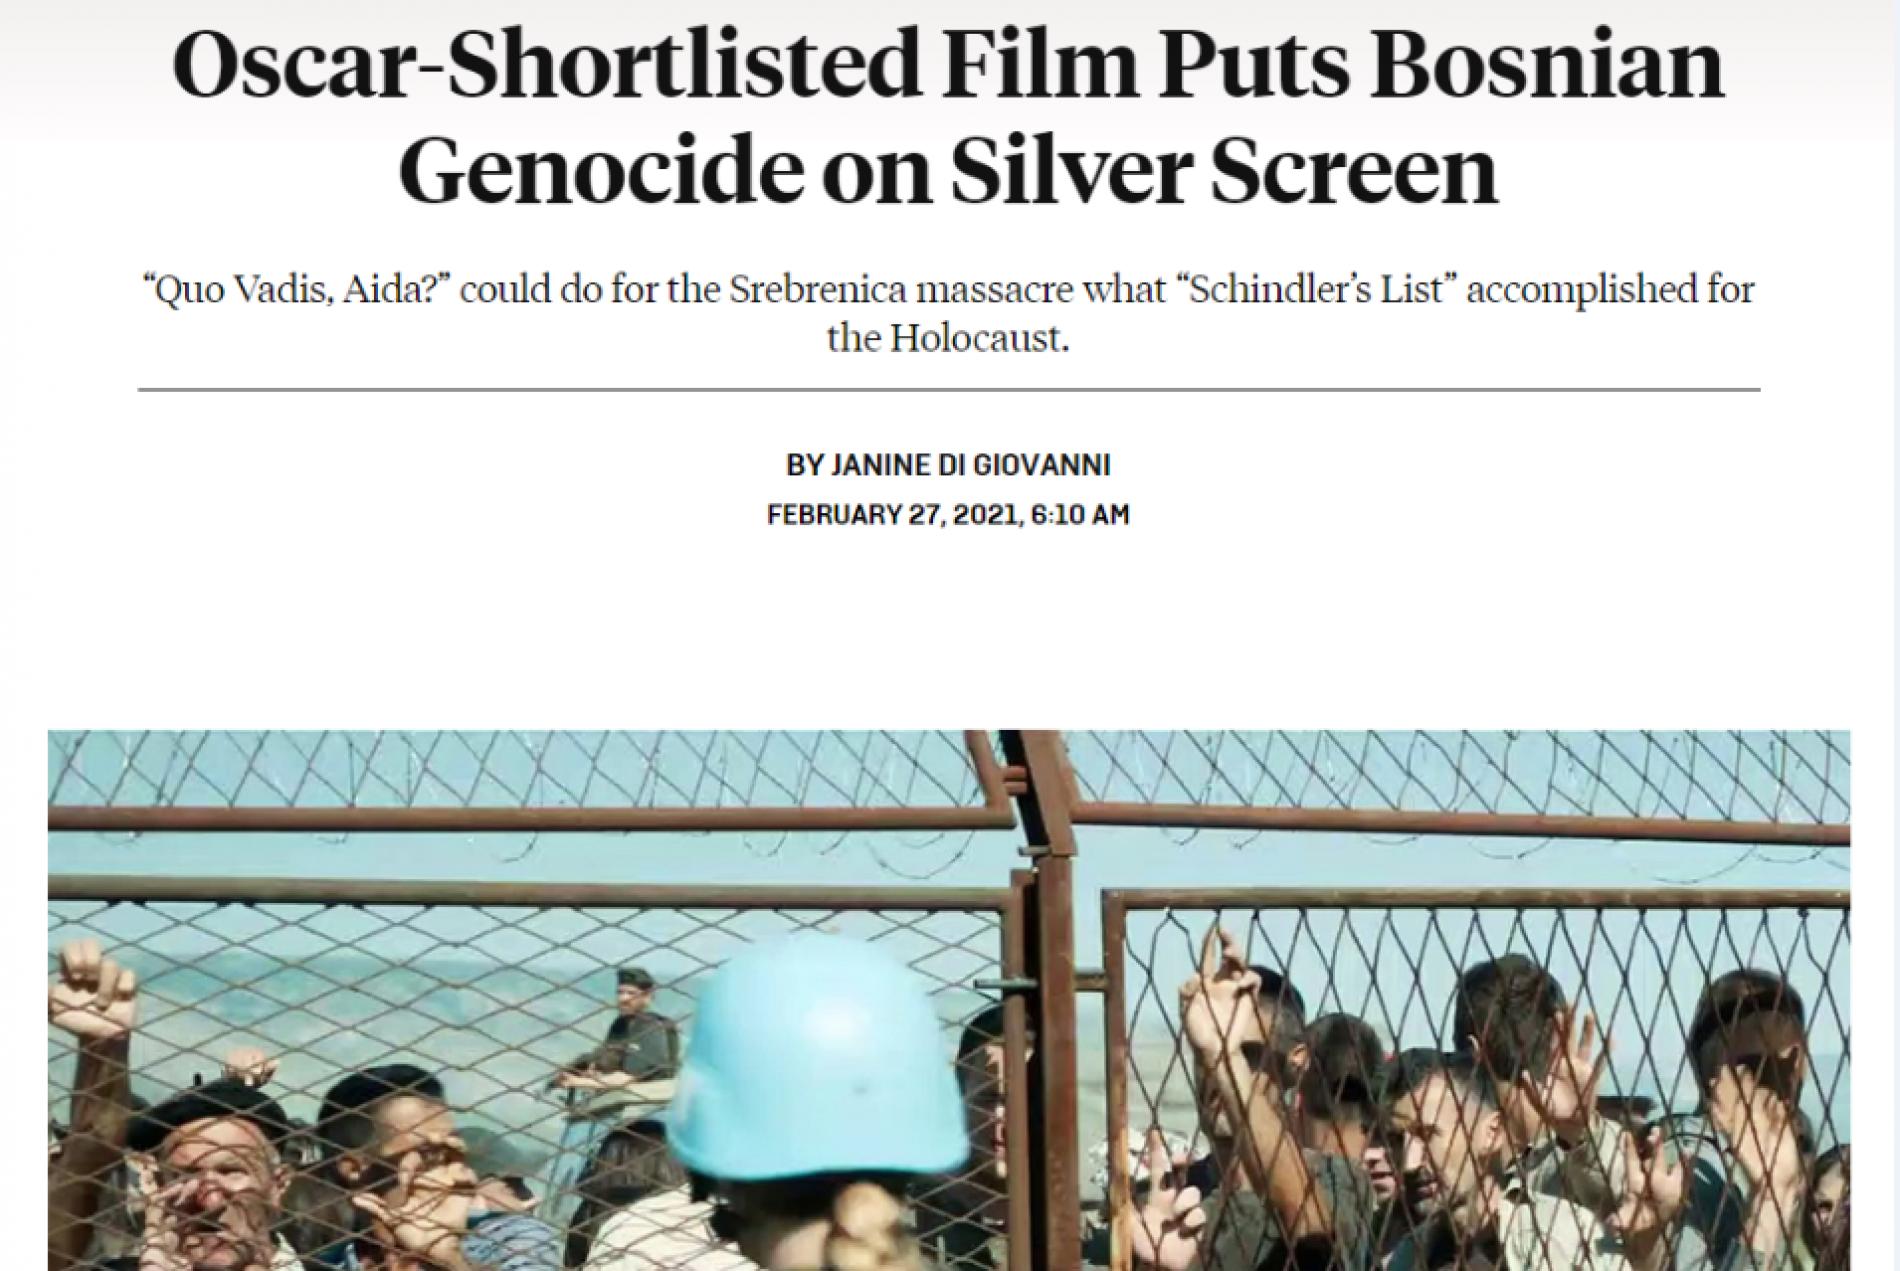 Film 'Quo Vadis, Aida?' mogao bi učiniti za bosanski genocid ono što što je 'Schindlerova lista' postigla za holokaust